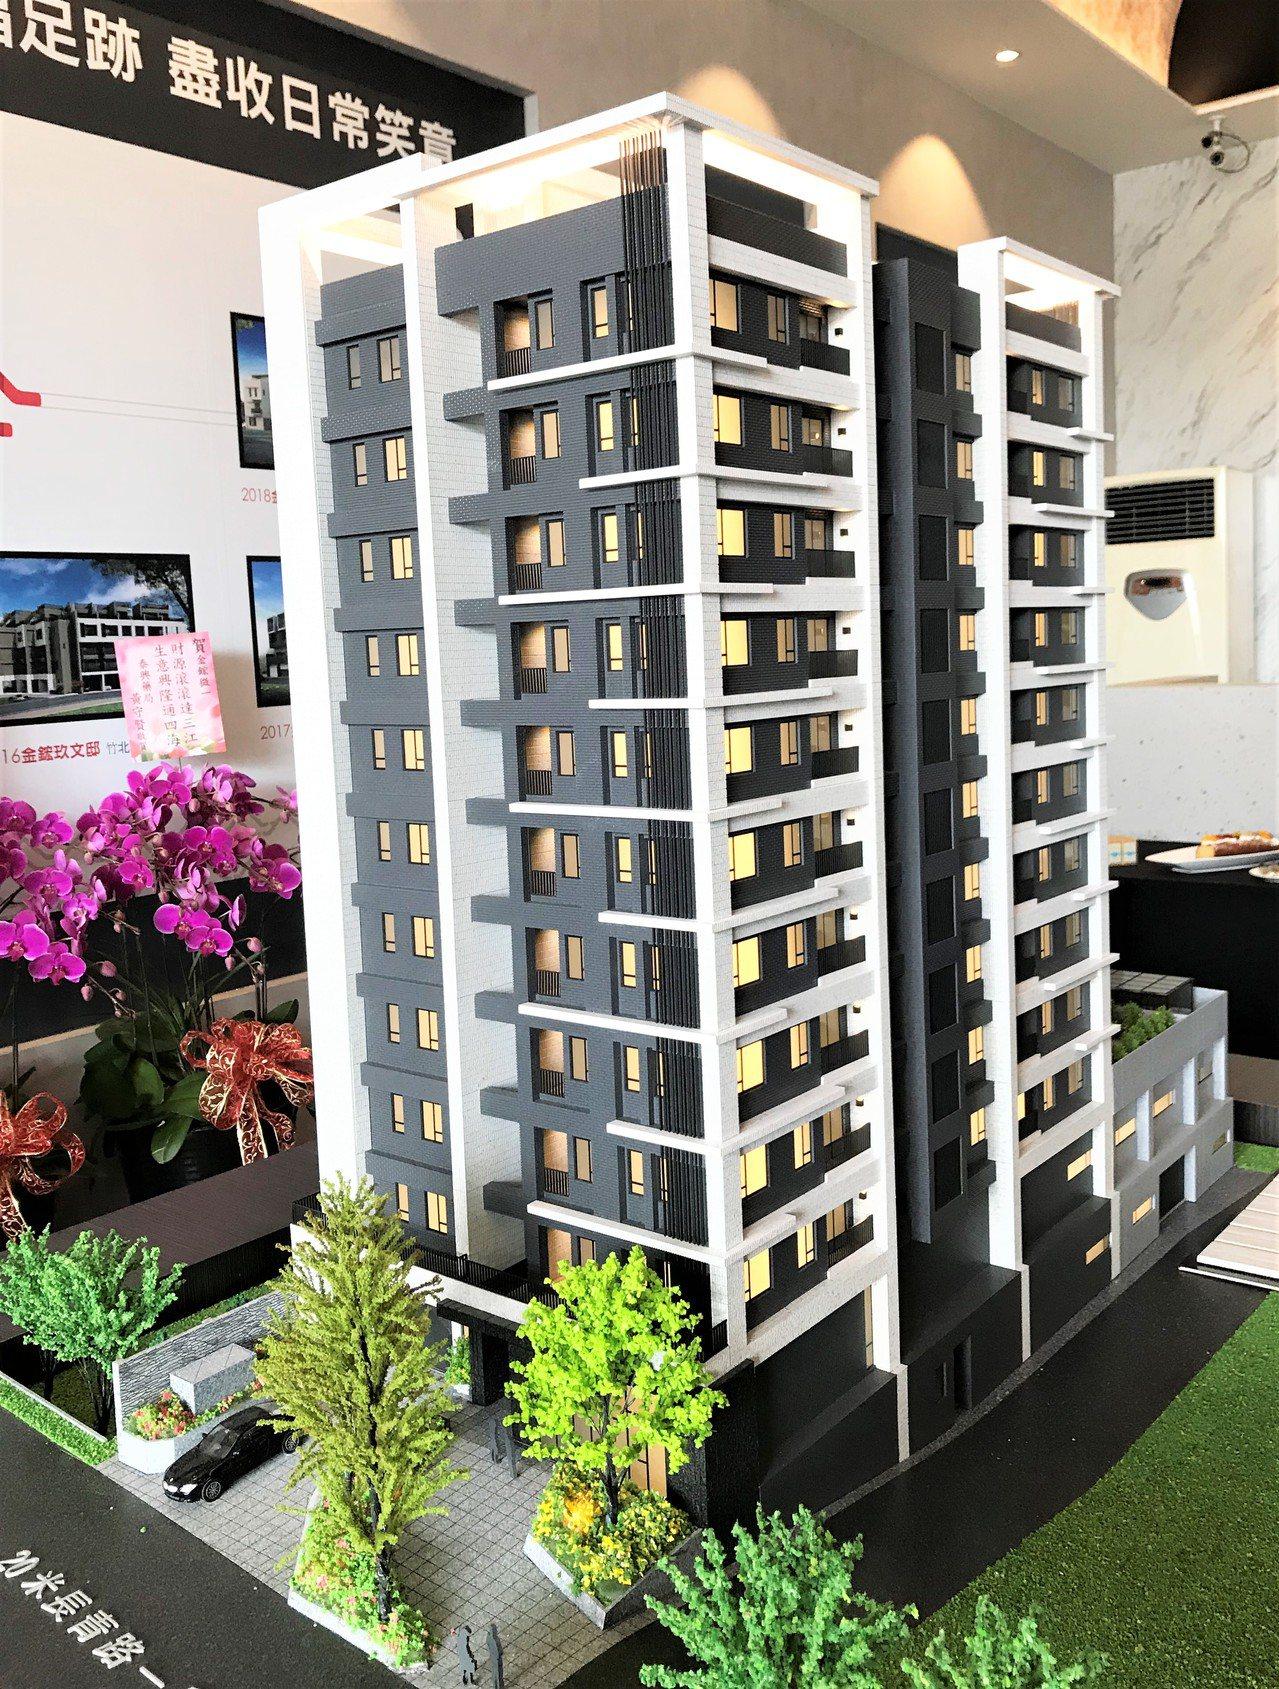 金鋐微一規劃獨棟建築、單層6併,28-35坪,全區3房,二樓以上共有56戶純住宅...